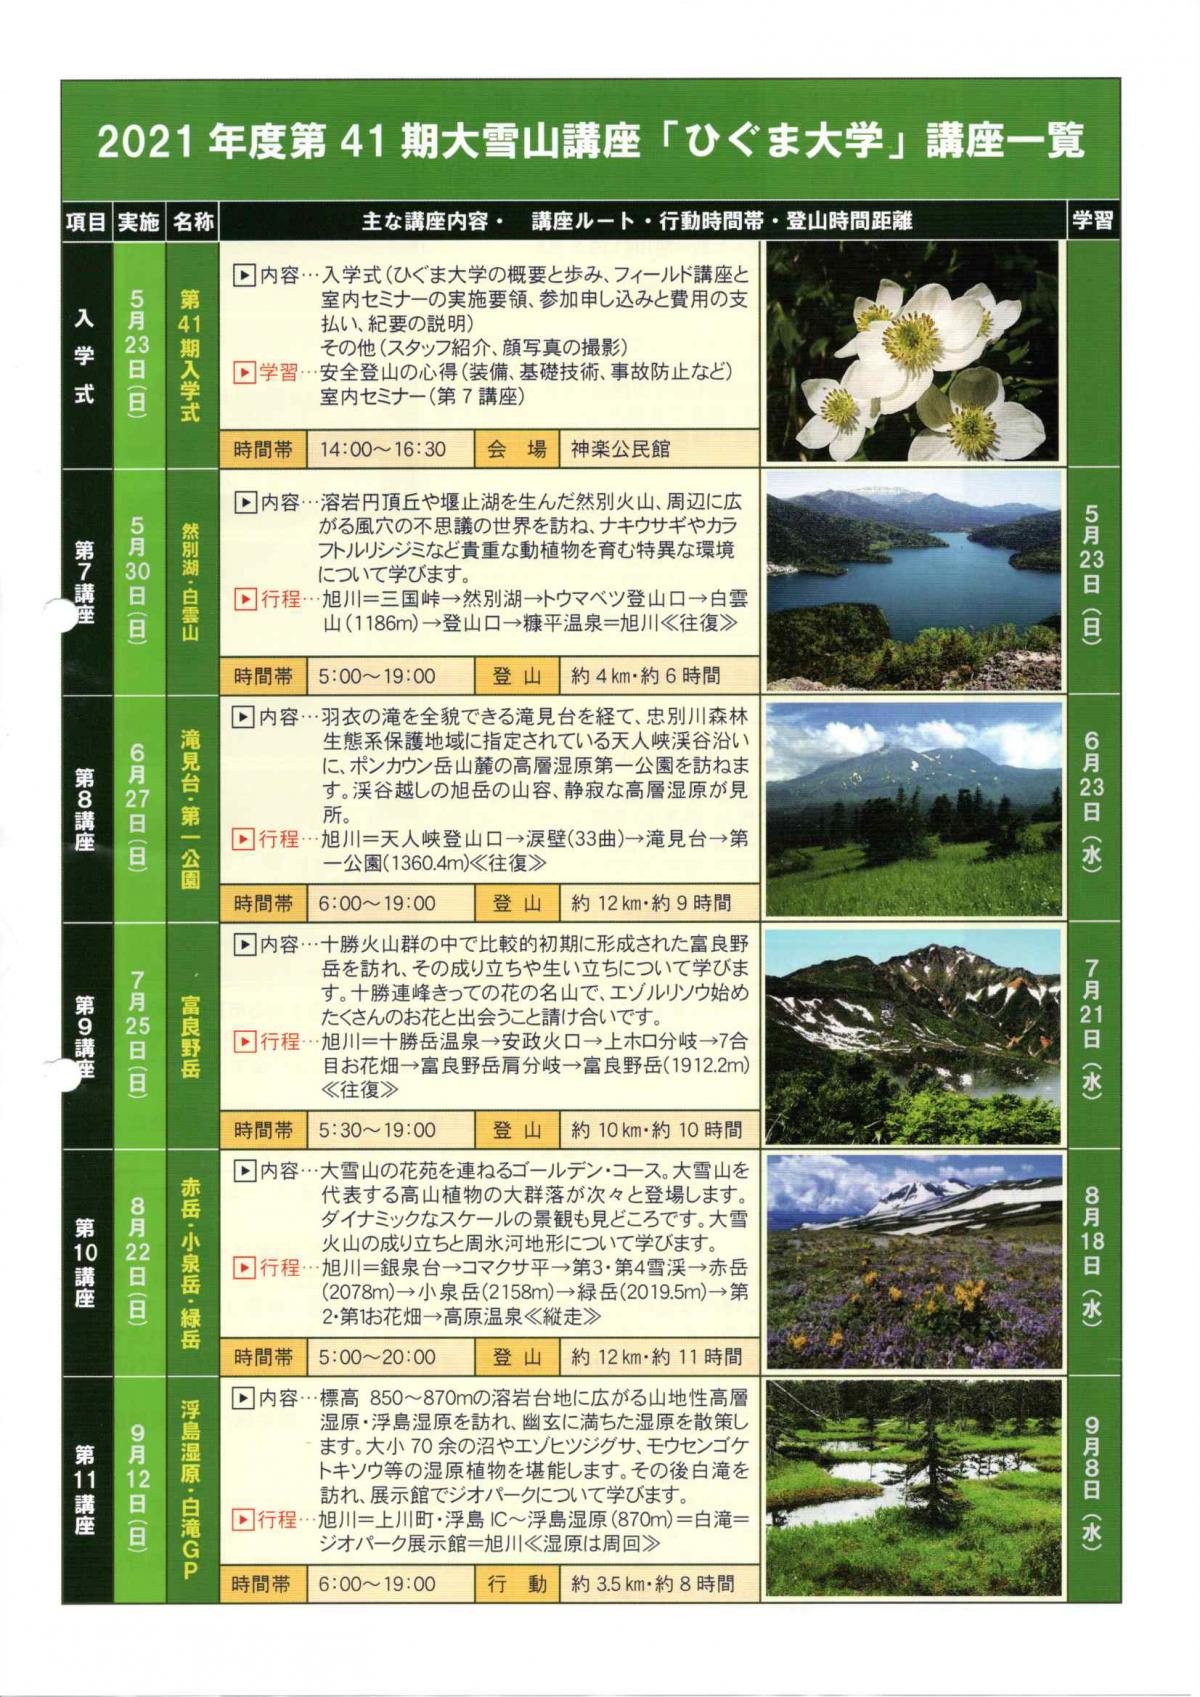 2021年度 大雪山自然学校 ひぐま大学の受付を開始しました